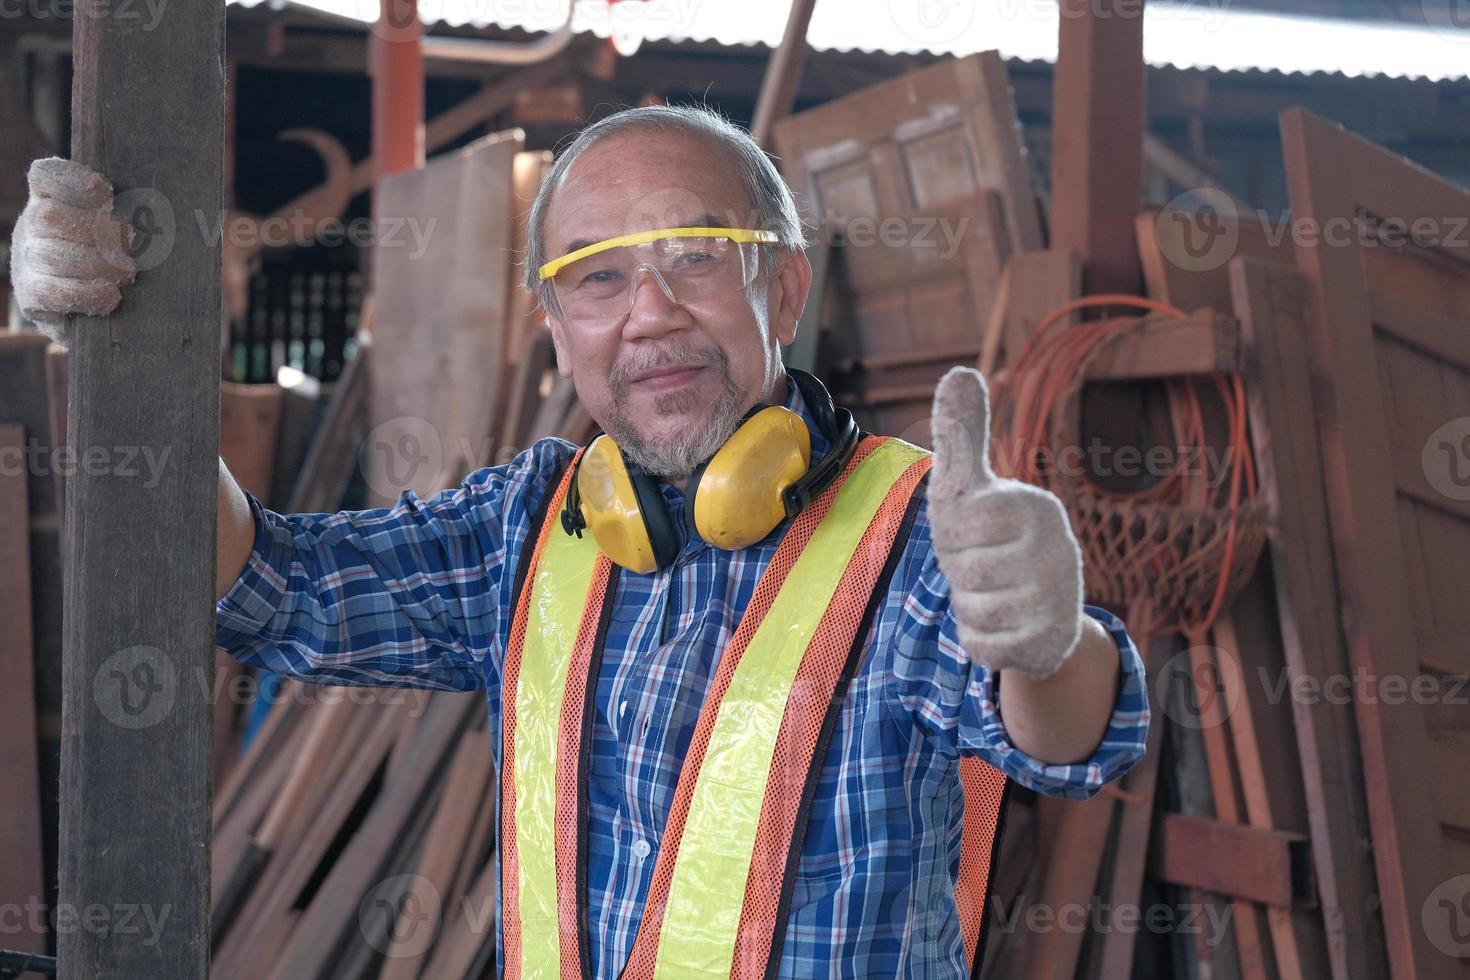 carpentiere maschio senior che lavora e pollice in su nella fabbrica di segheria in legno. foto